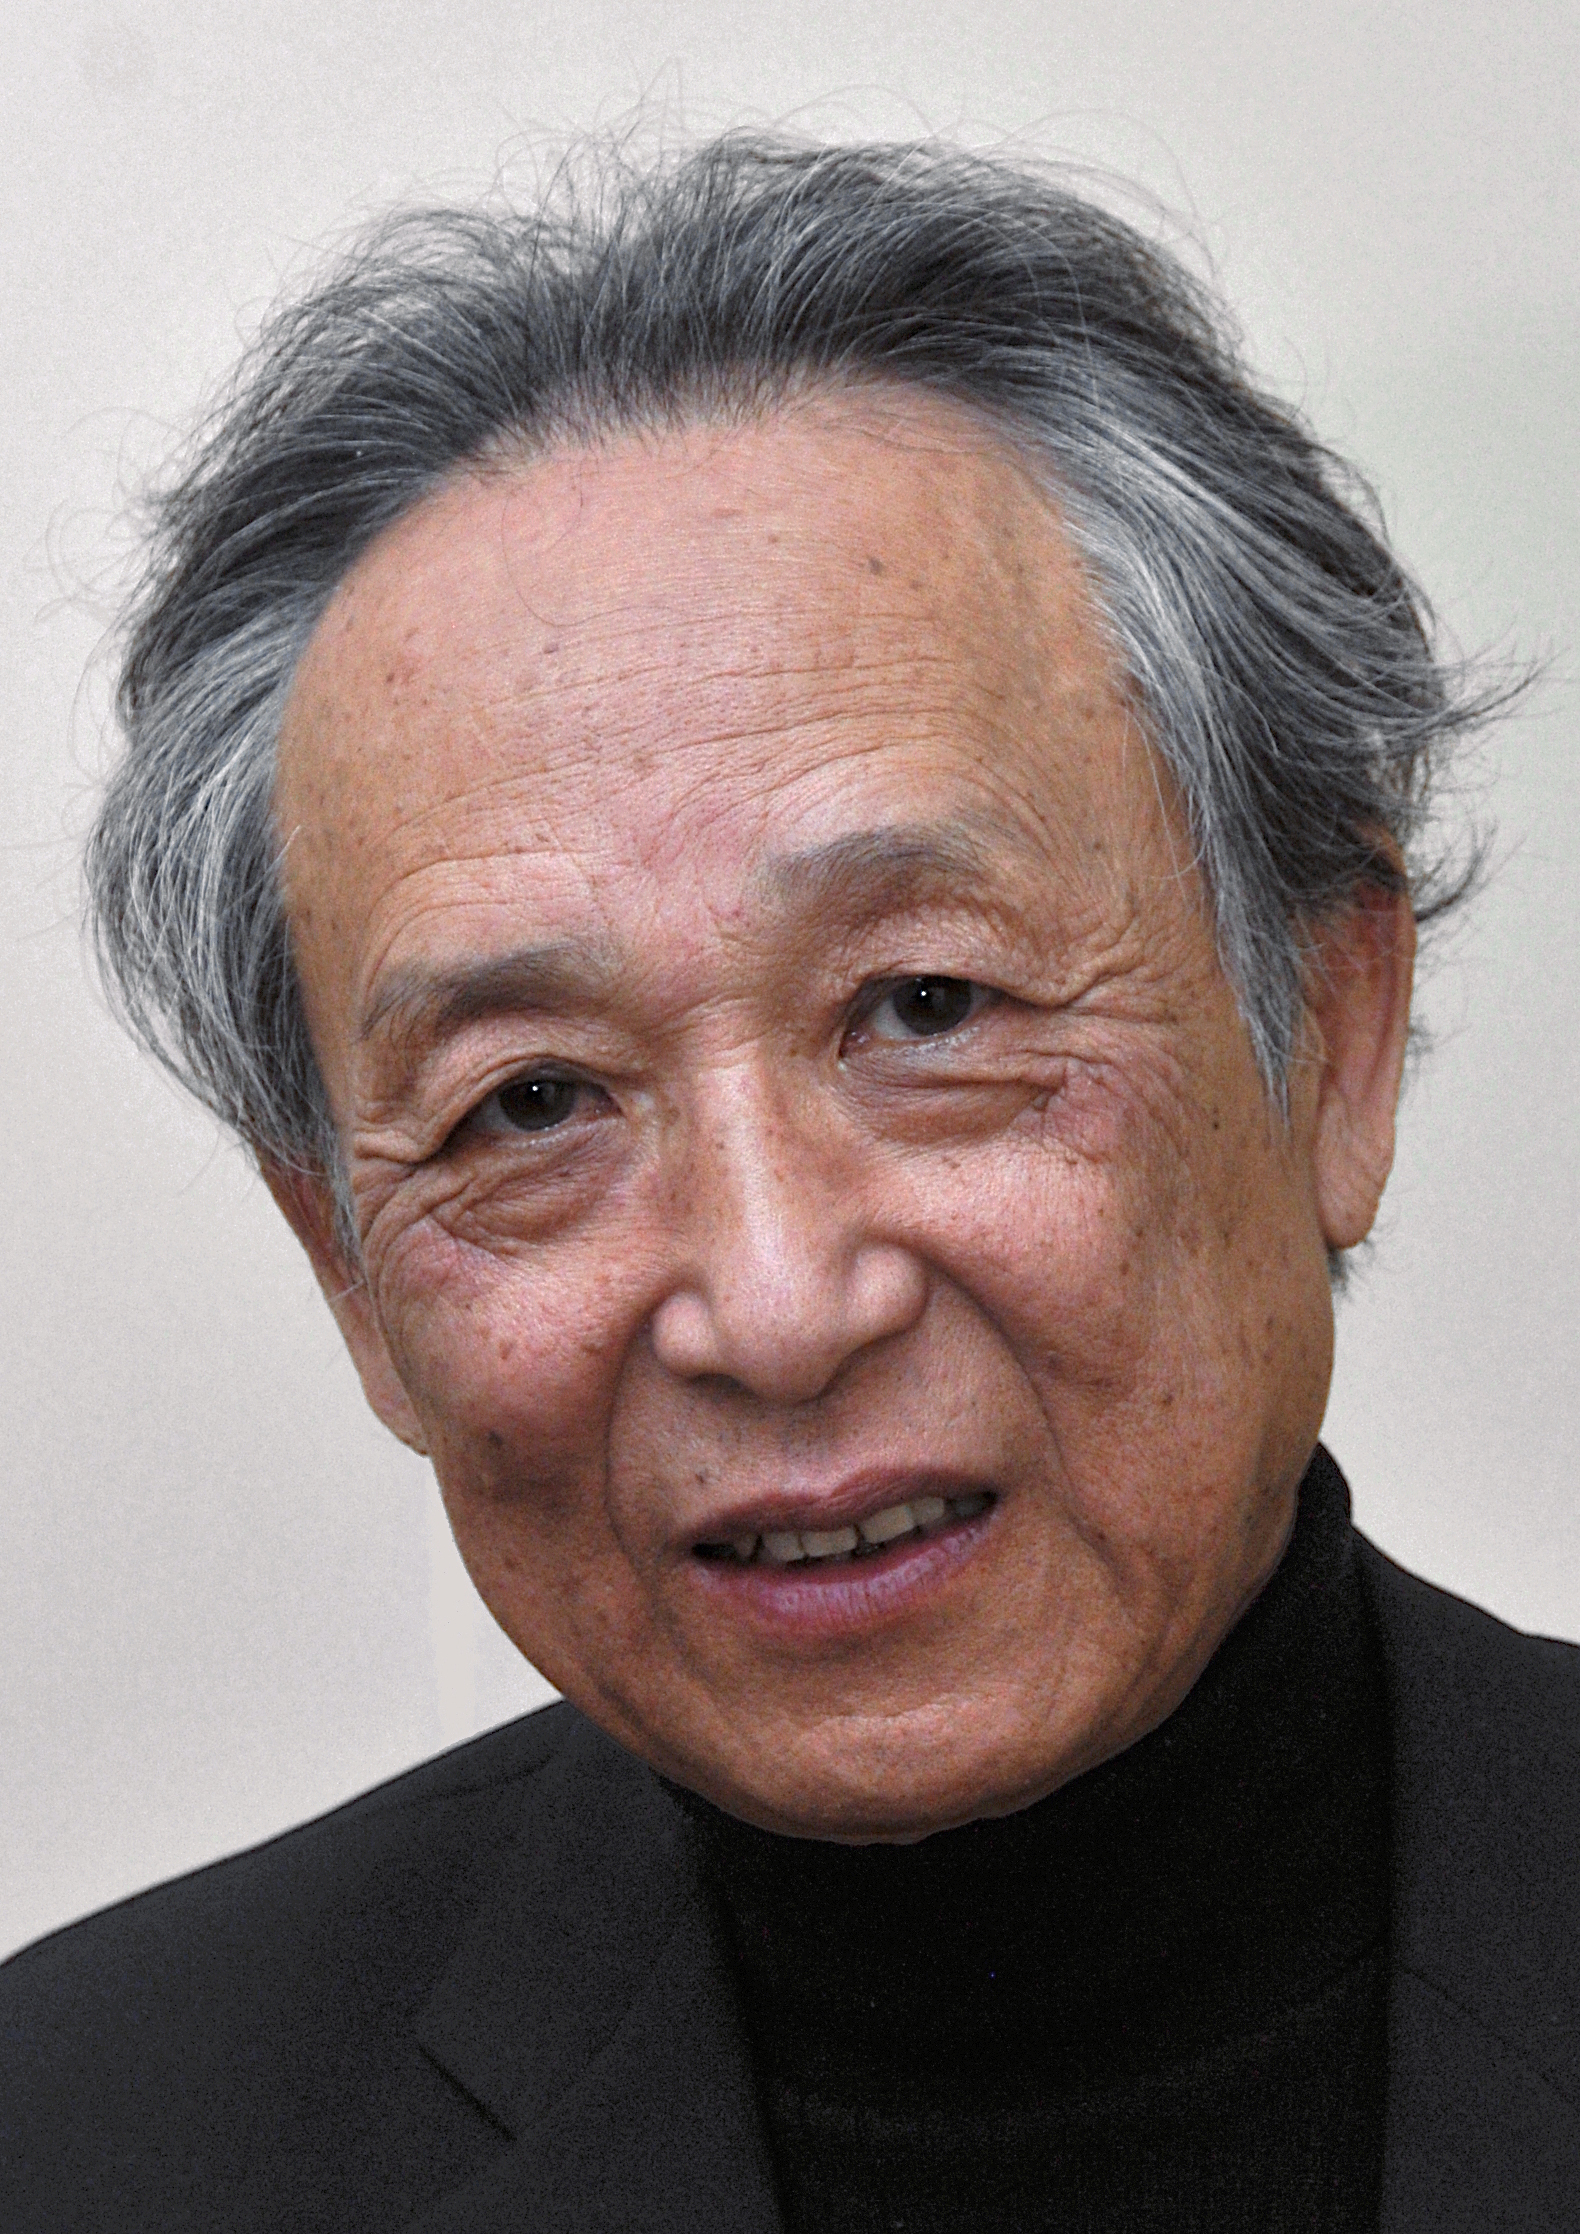 Gao Xingjian - Wikipedia